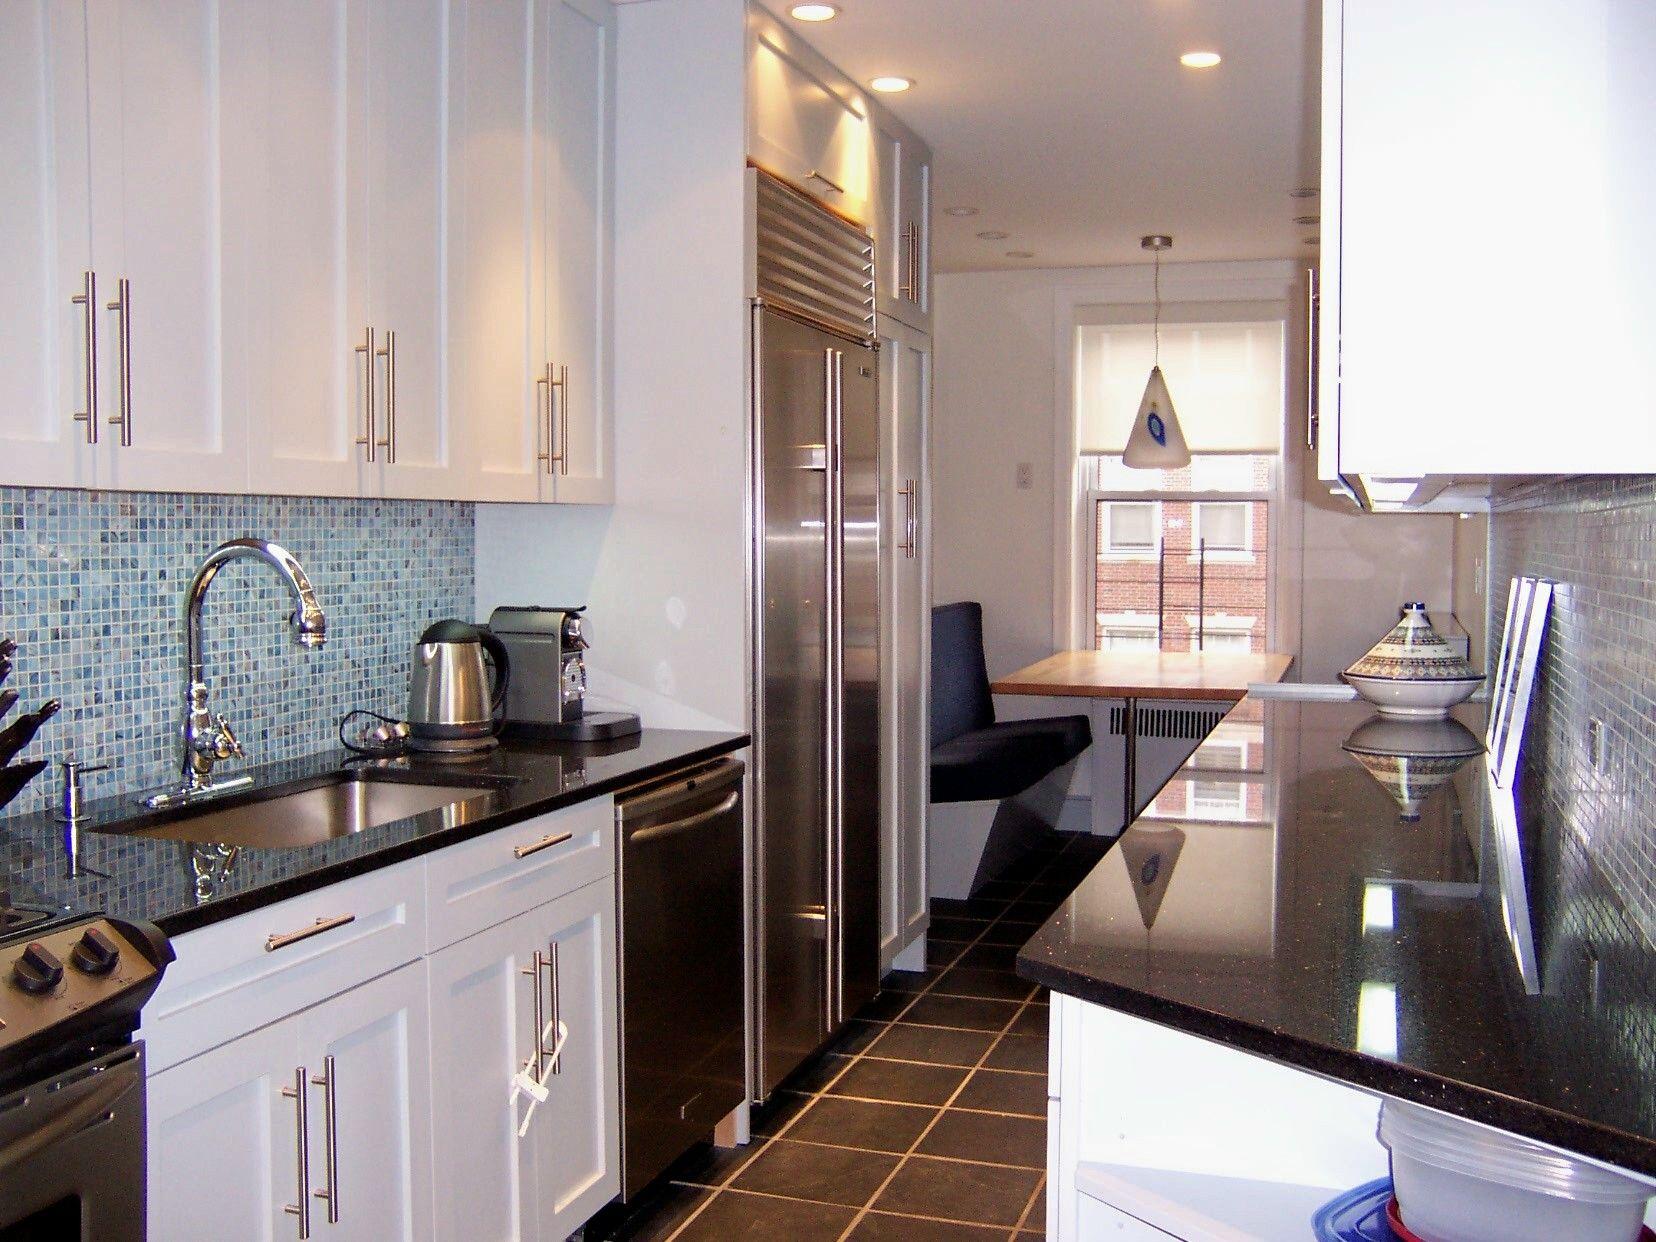 Glass Tile Backsplash Doesn T Wrap Around Inside Corner Glass Tile Backsplash Cottage Kitchen Glass Tile